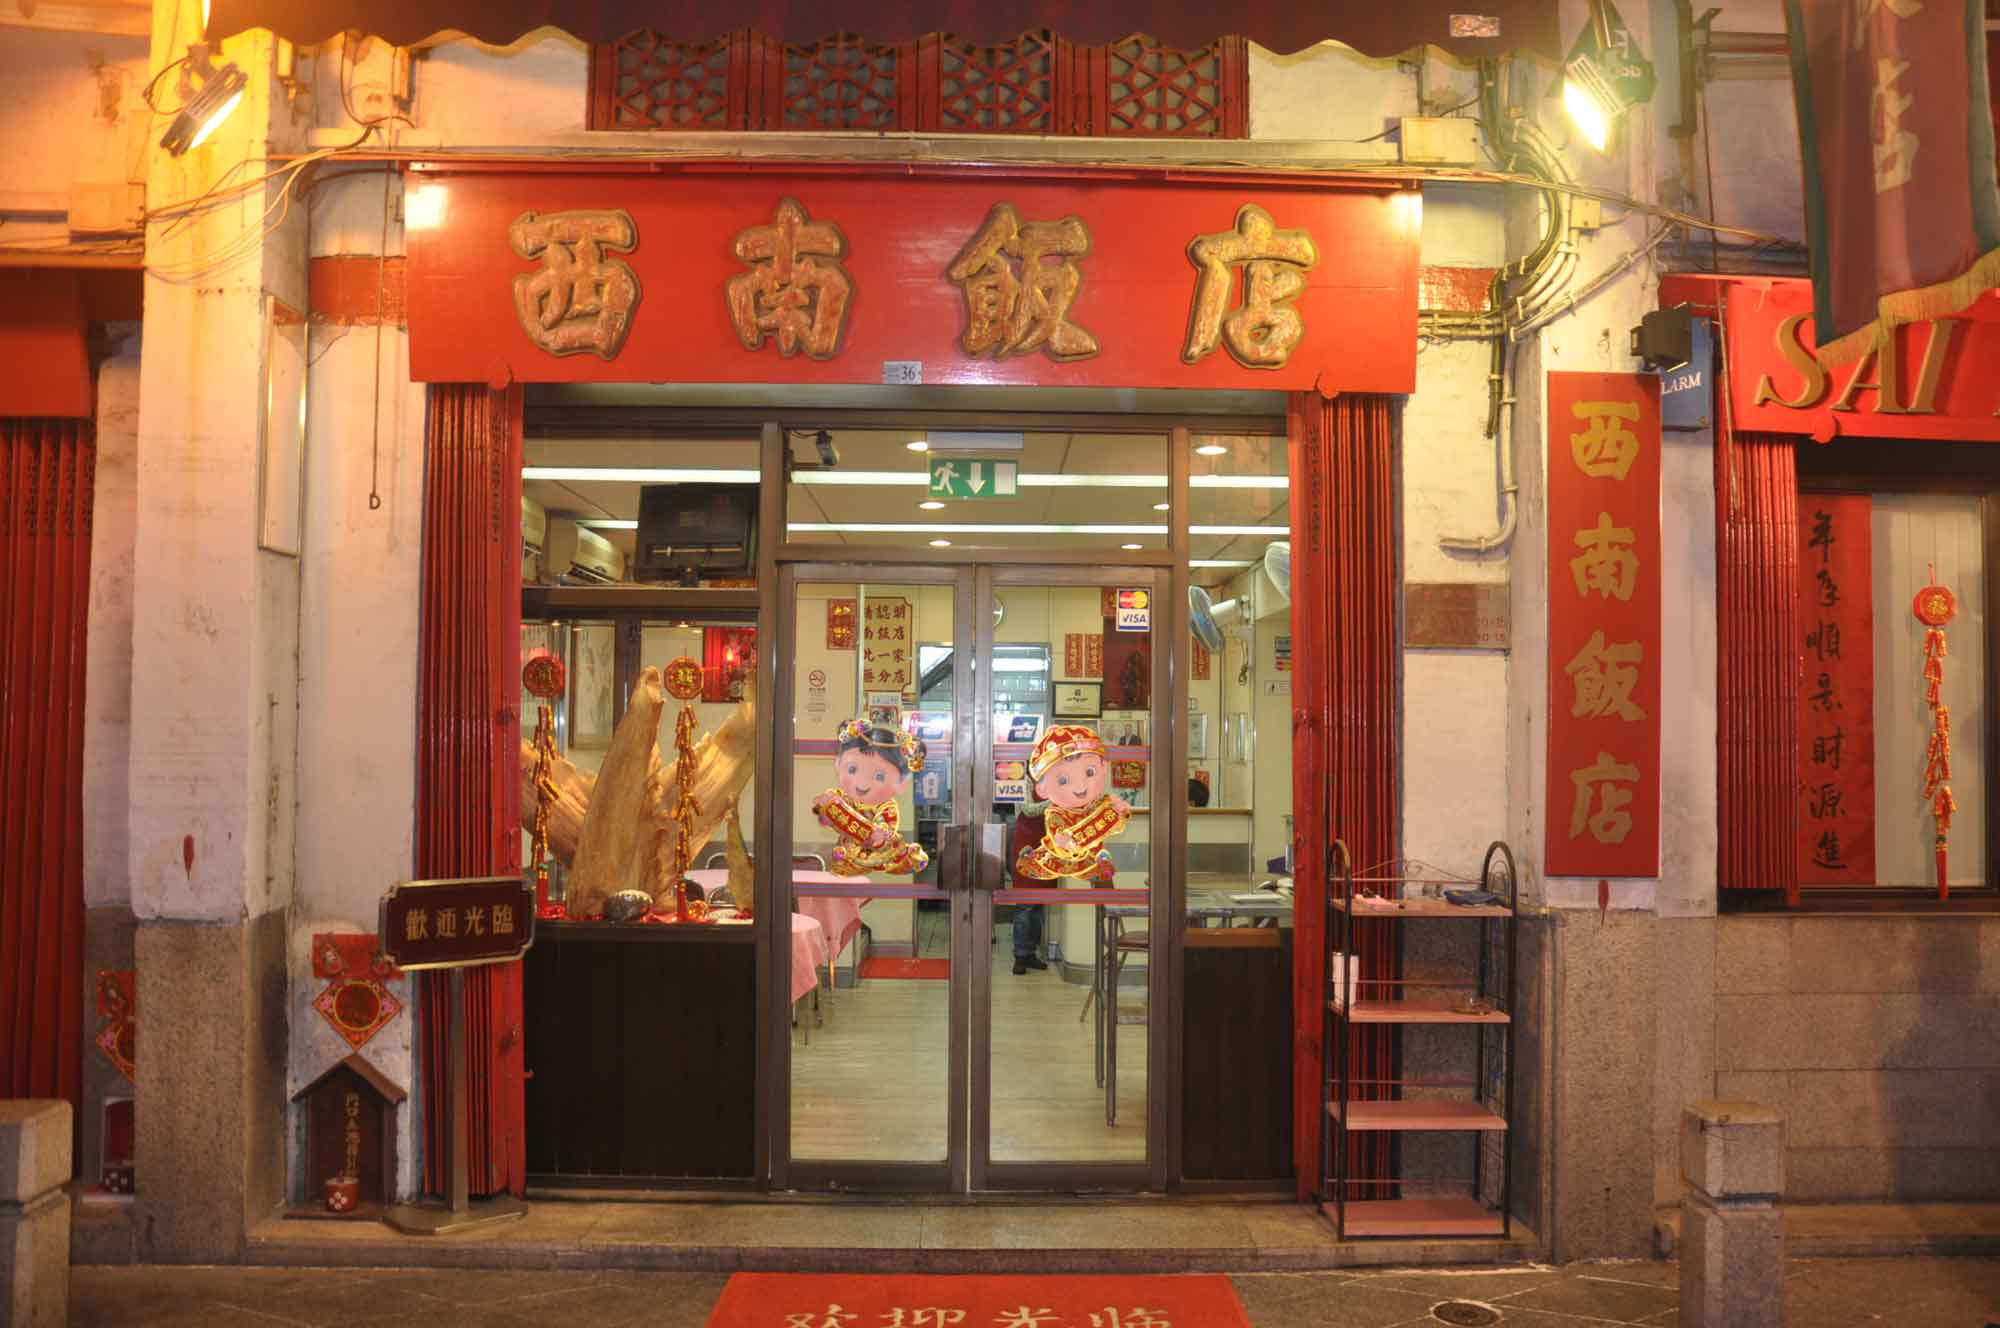 Southwest Restaurant Macau